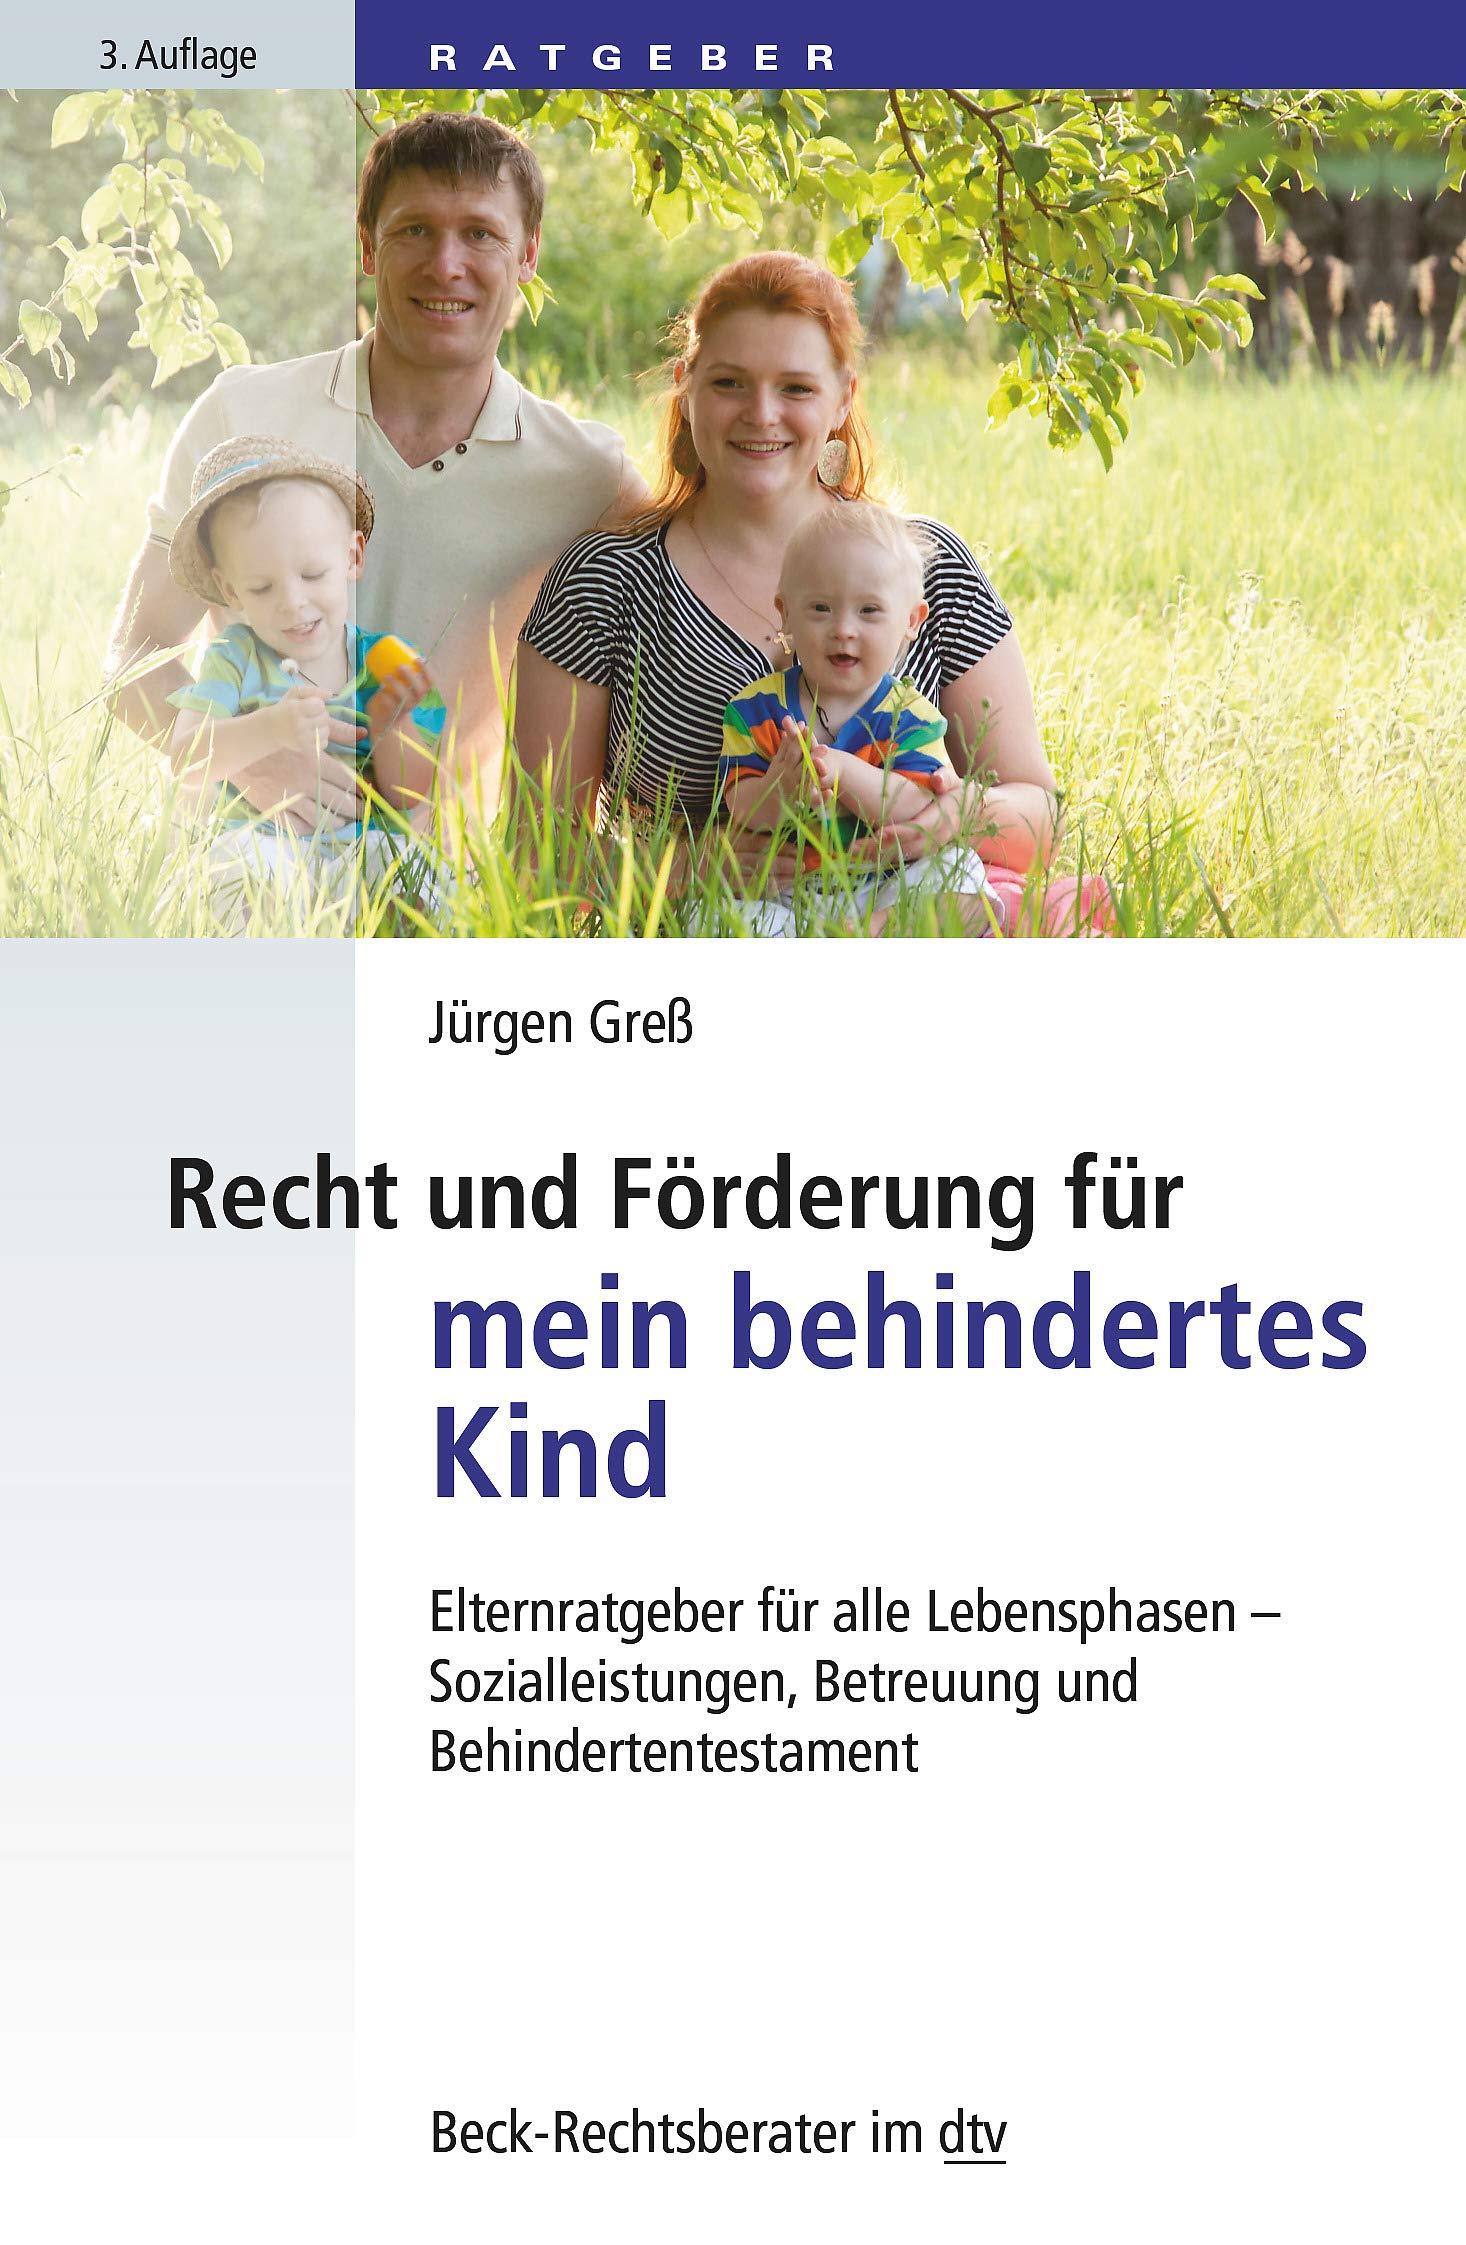 Recht Und Förderung Für Mein Behindertes Kind  Elternratgeber Für Alle Lebensphasen   Sozialleistungen Betreuung Und Behindertentestament  Dtv Beck Rechtsberater